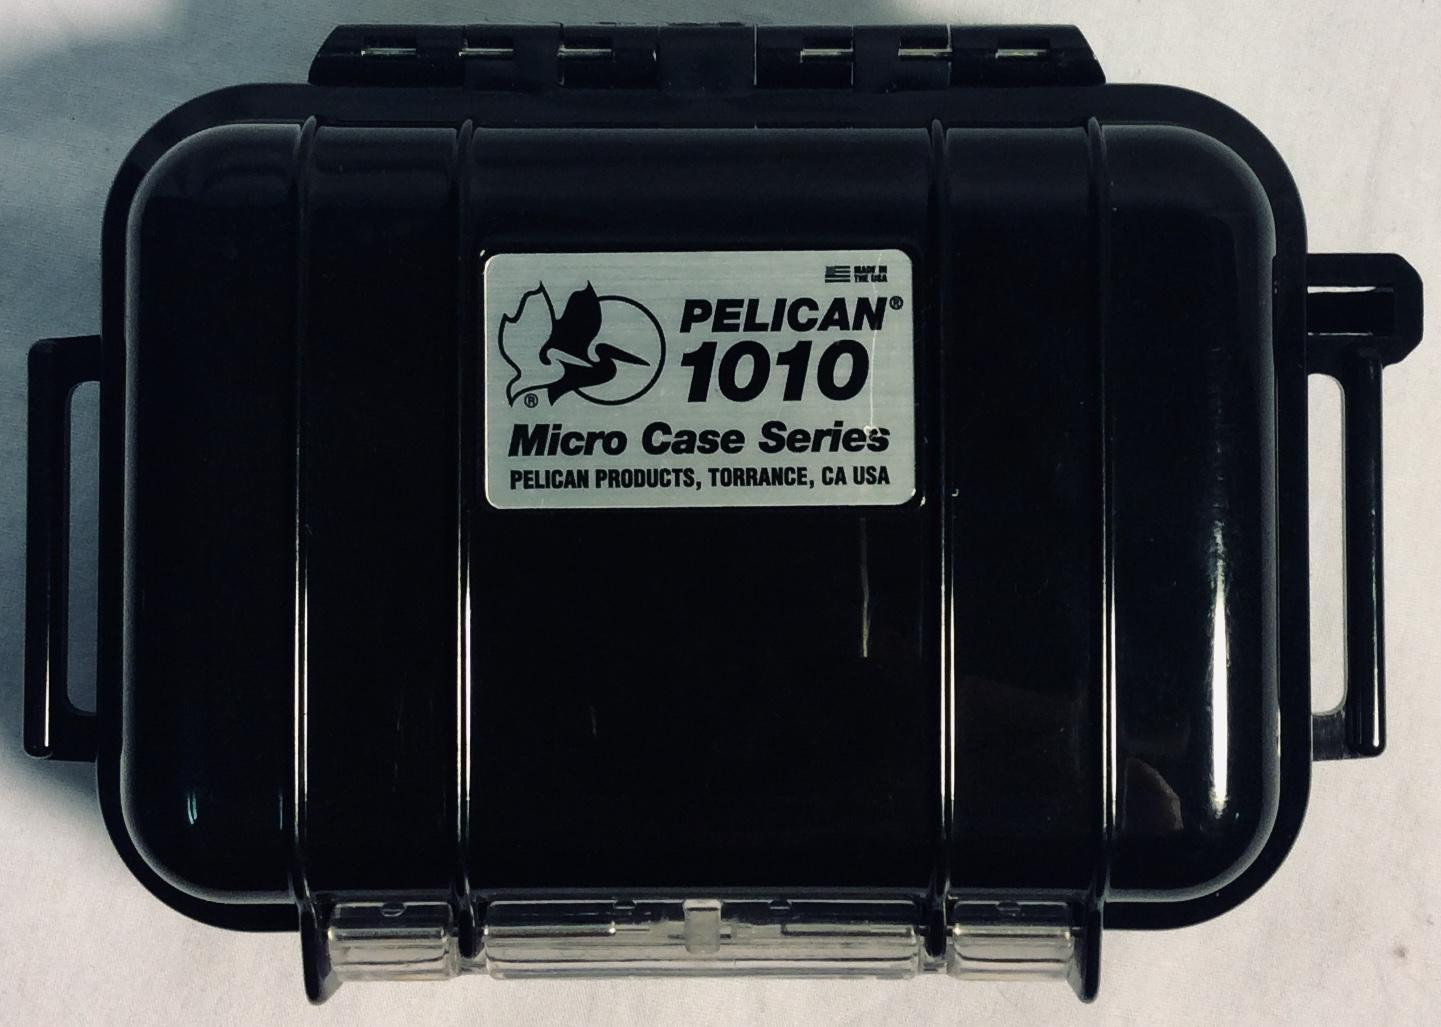 Small black pelican case